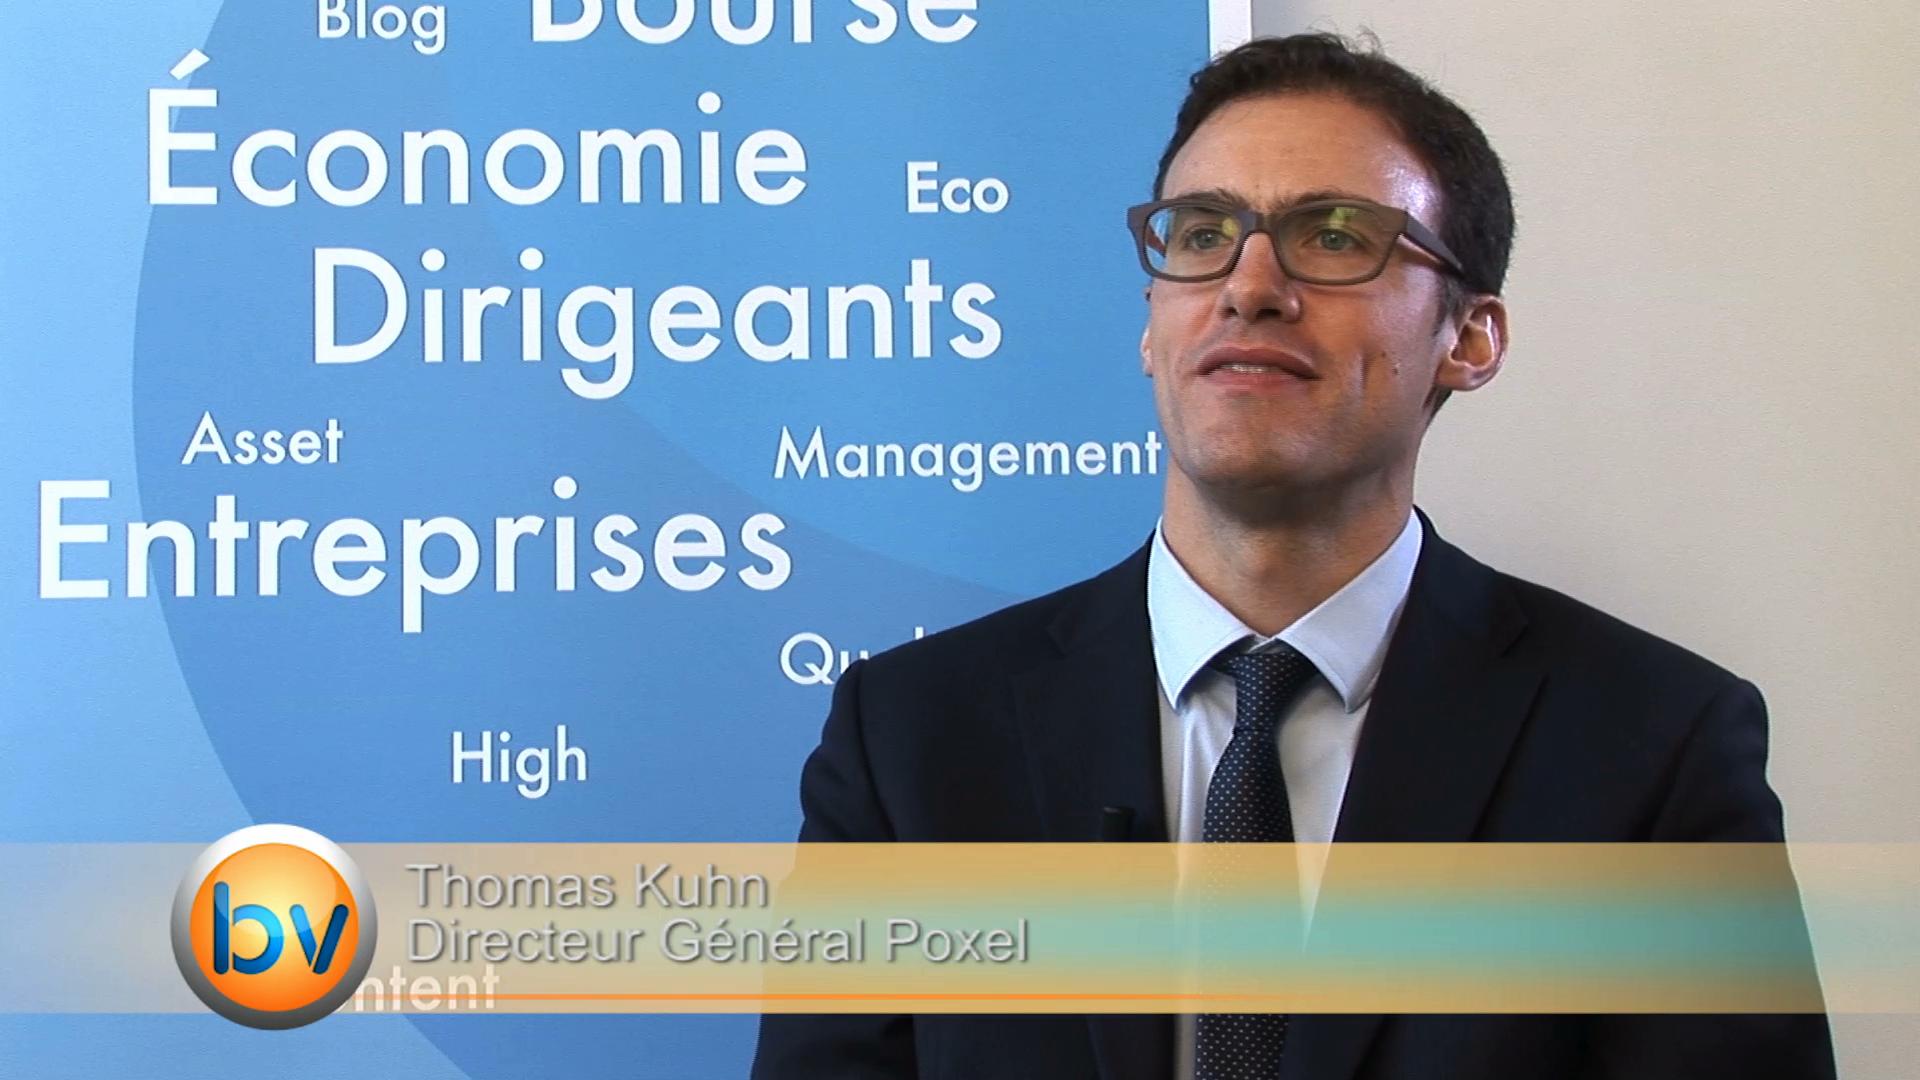 """Thomas Kuhn Directeur Général Poxel : """"On veut continuer à développer et à valoriser encore ce produit"""""""